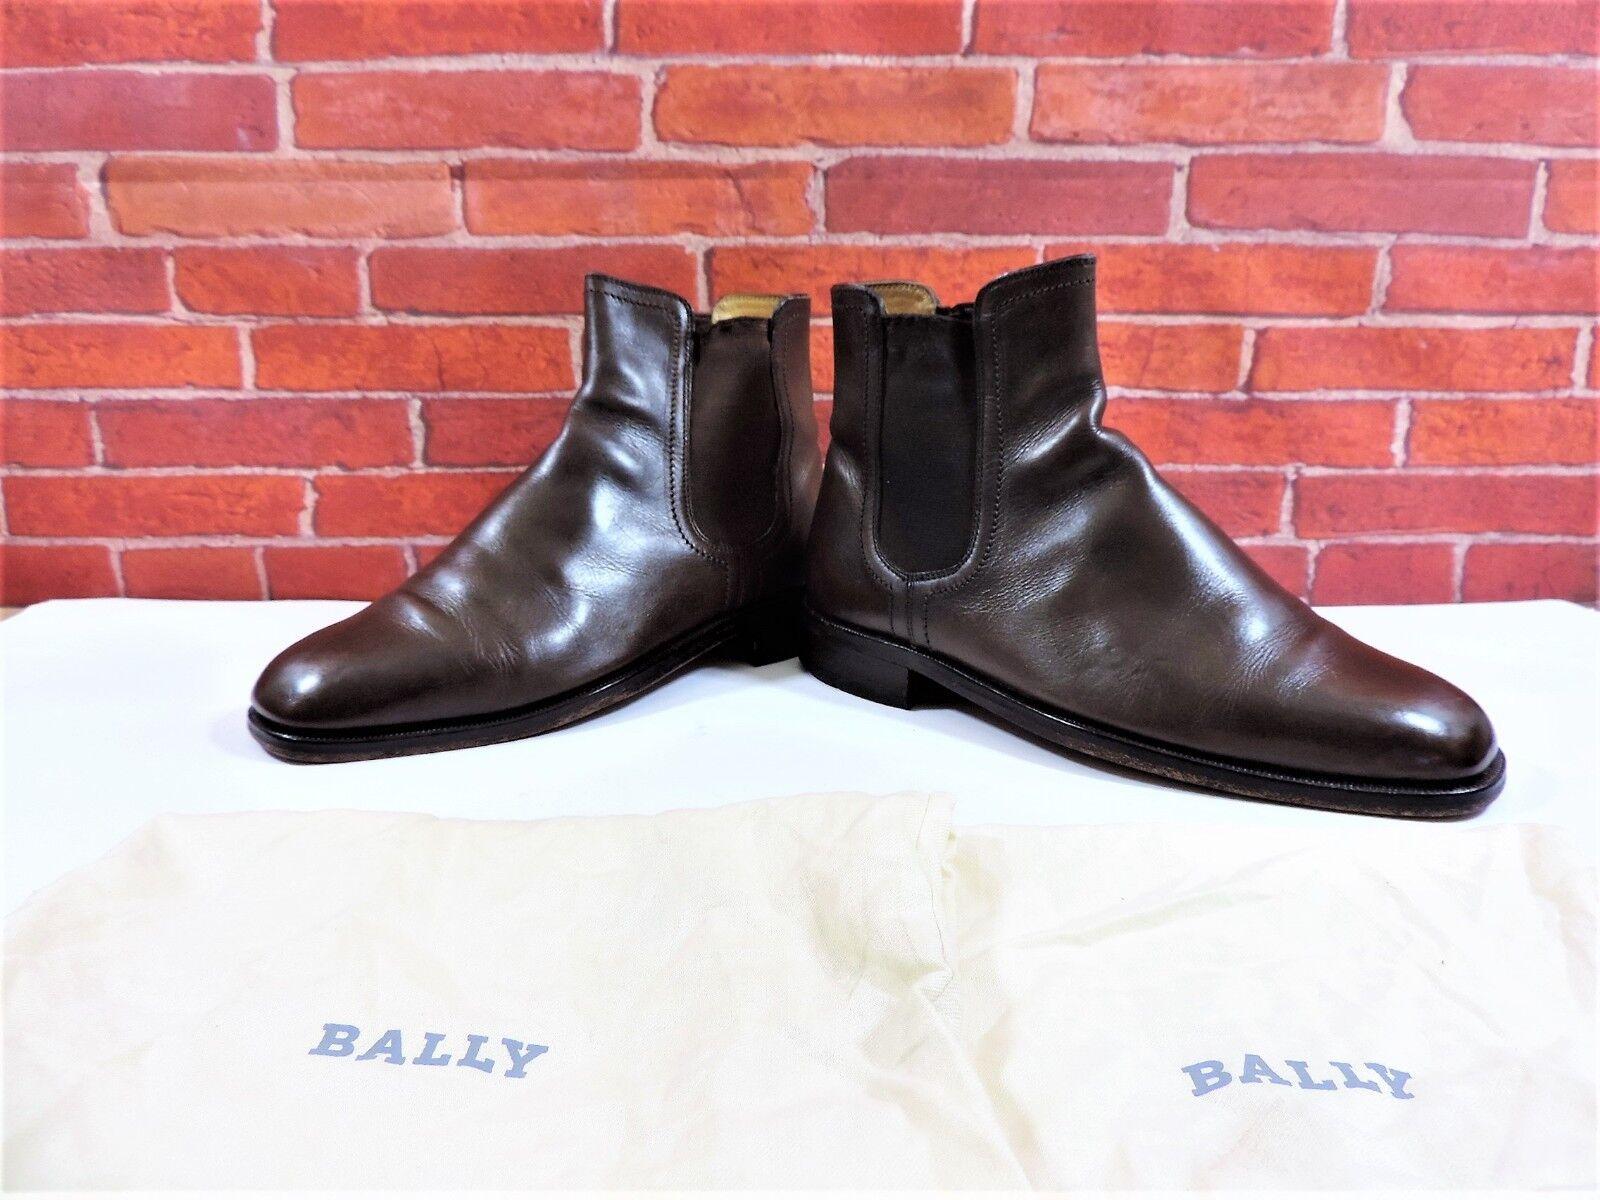 Miglior prezzo Bally Stivali Chukka Chelsea US US US 8.5 EU 41.5 indossato 3 4 volte Borsa Da Scarpa ITALIANO  risparmiare fino all'80%